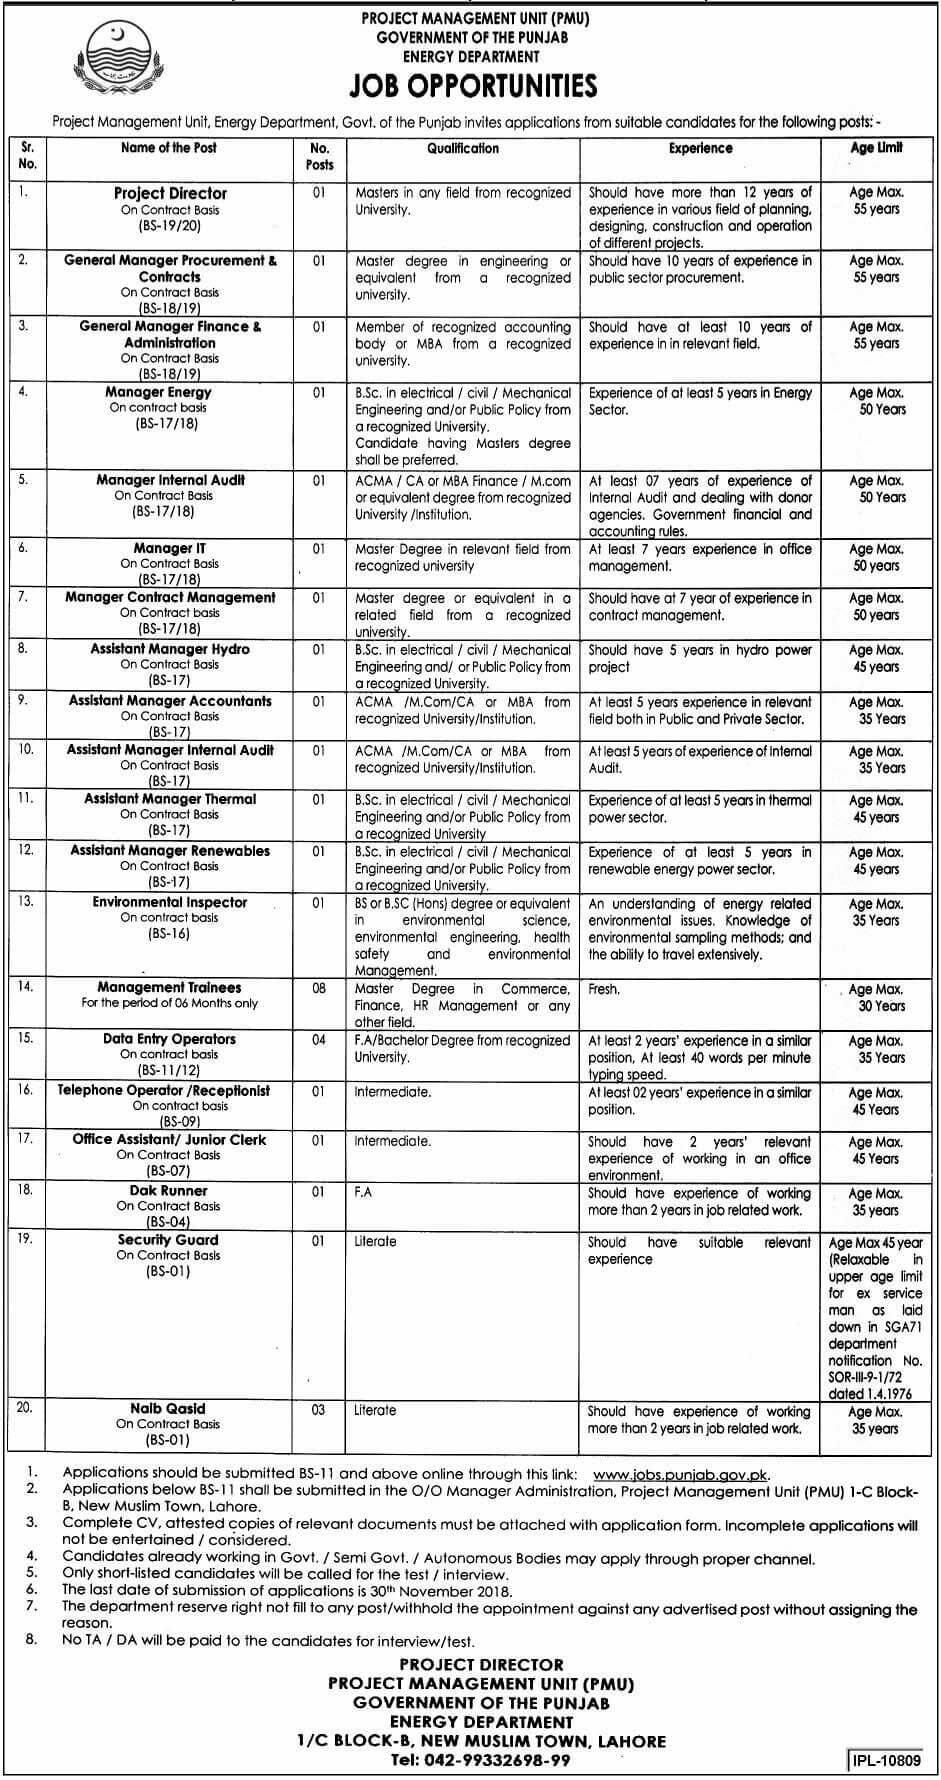 PMU Project Management Unit Jobs 2018 Government Pakistan-thumbnail